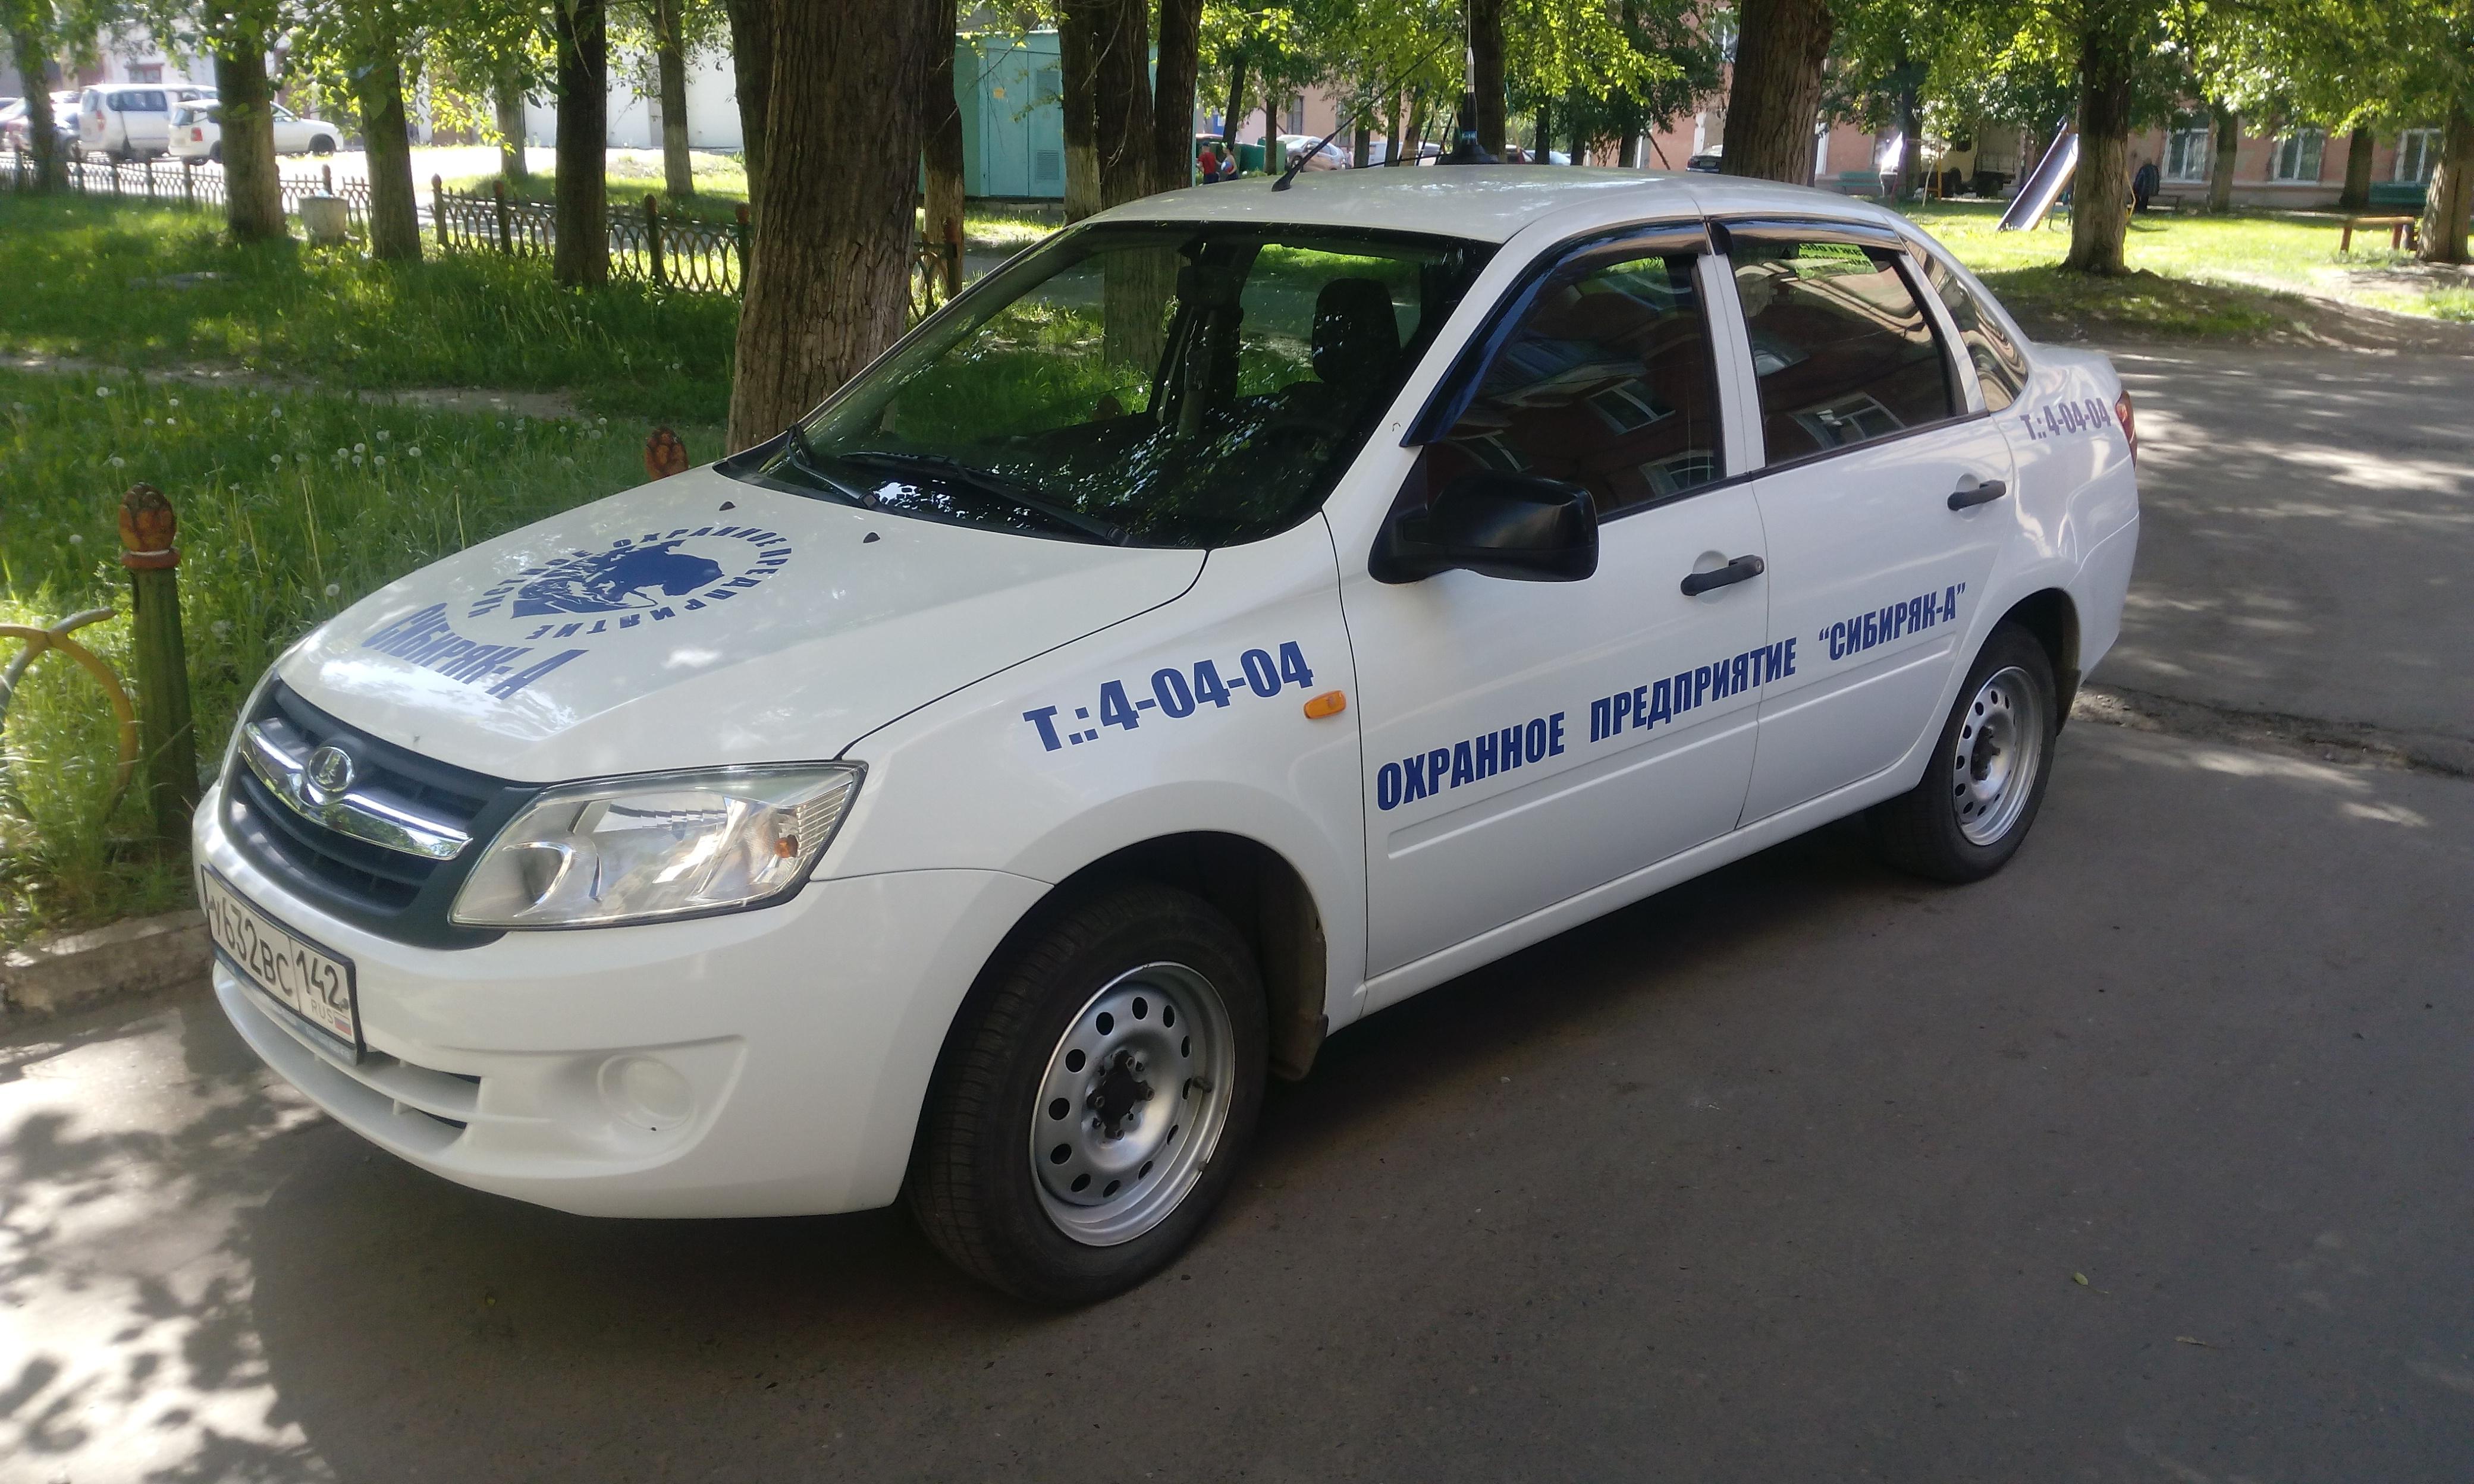 Гранта ЧОП Сибиряк-А.